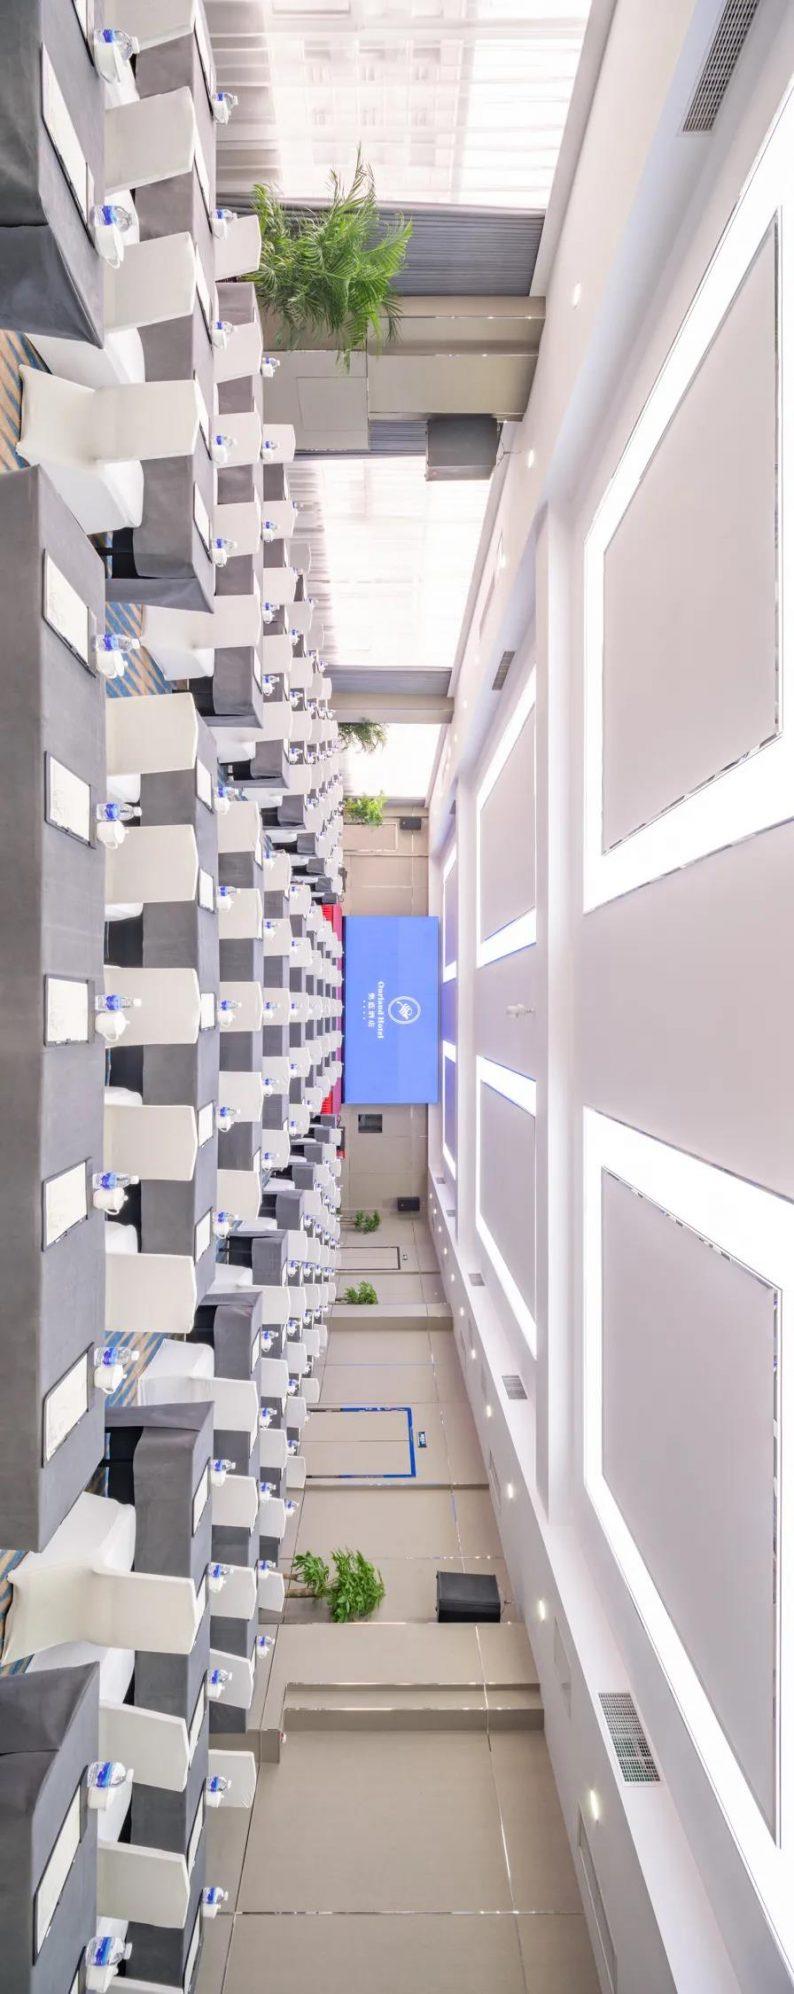 婚礼堂发布:最佳视觉奖!奥蓝酒店婚礼堂全新升级  第12张